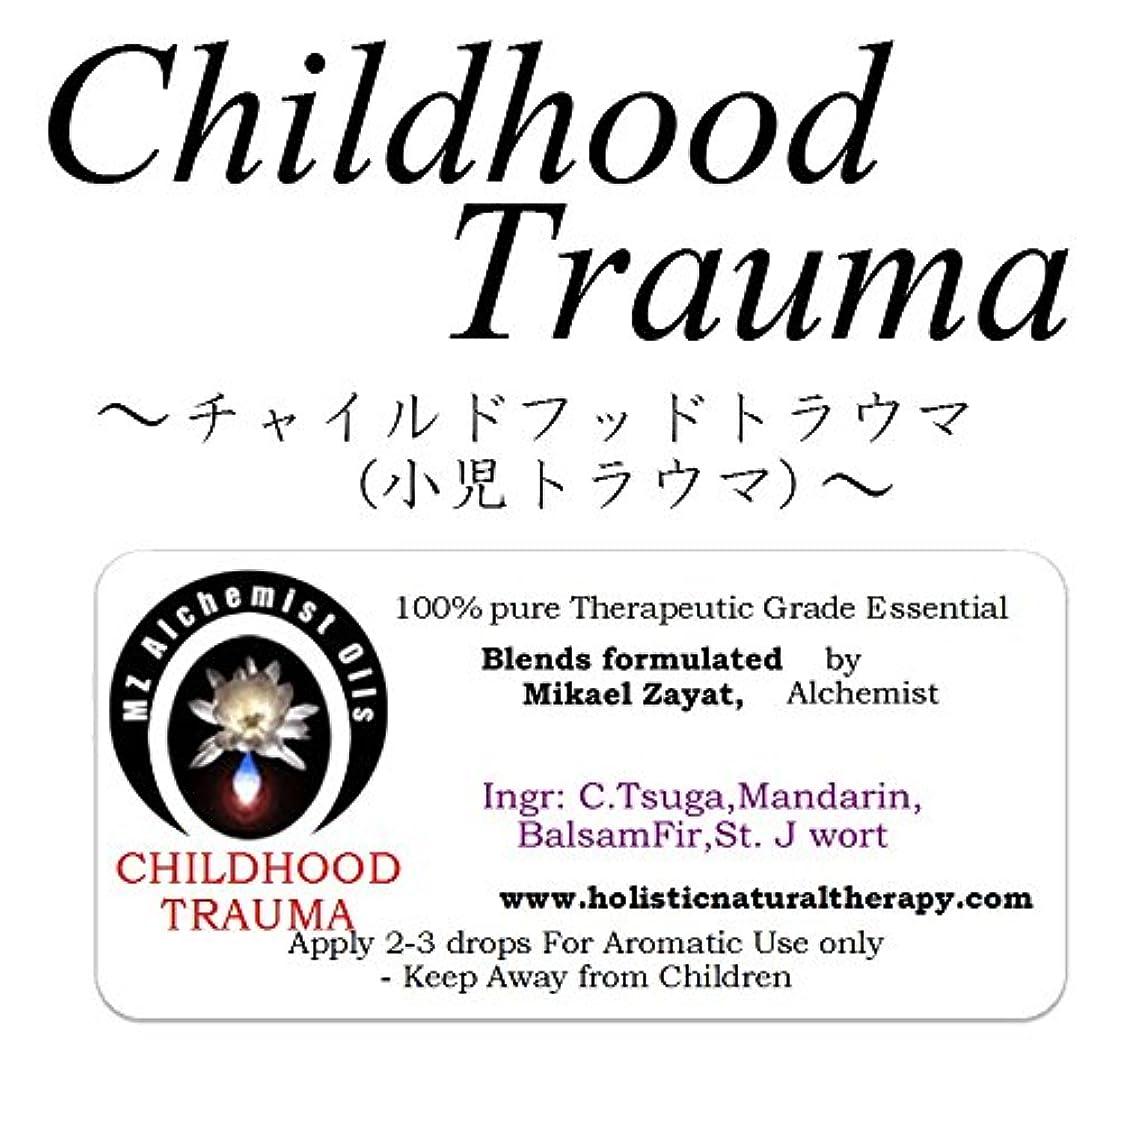 会議音楽家ガジュマルミカエルザヤットアルケミストオイル セラピストグレードアロマオイル Childhood Trauma-チャイルドフット?トラウマ(小児トラウマ)- 4ml